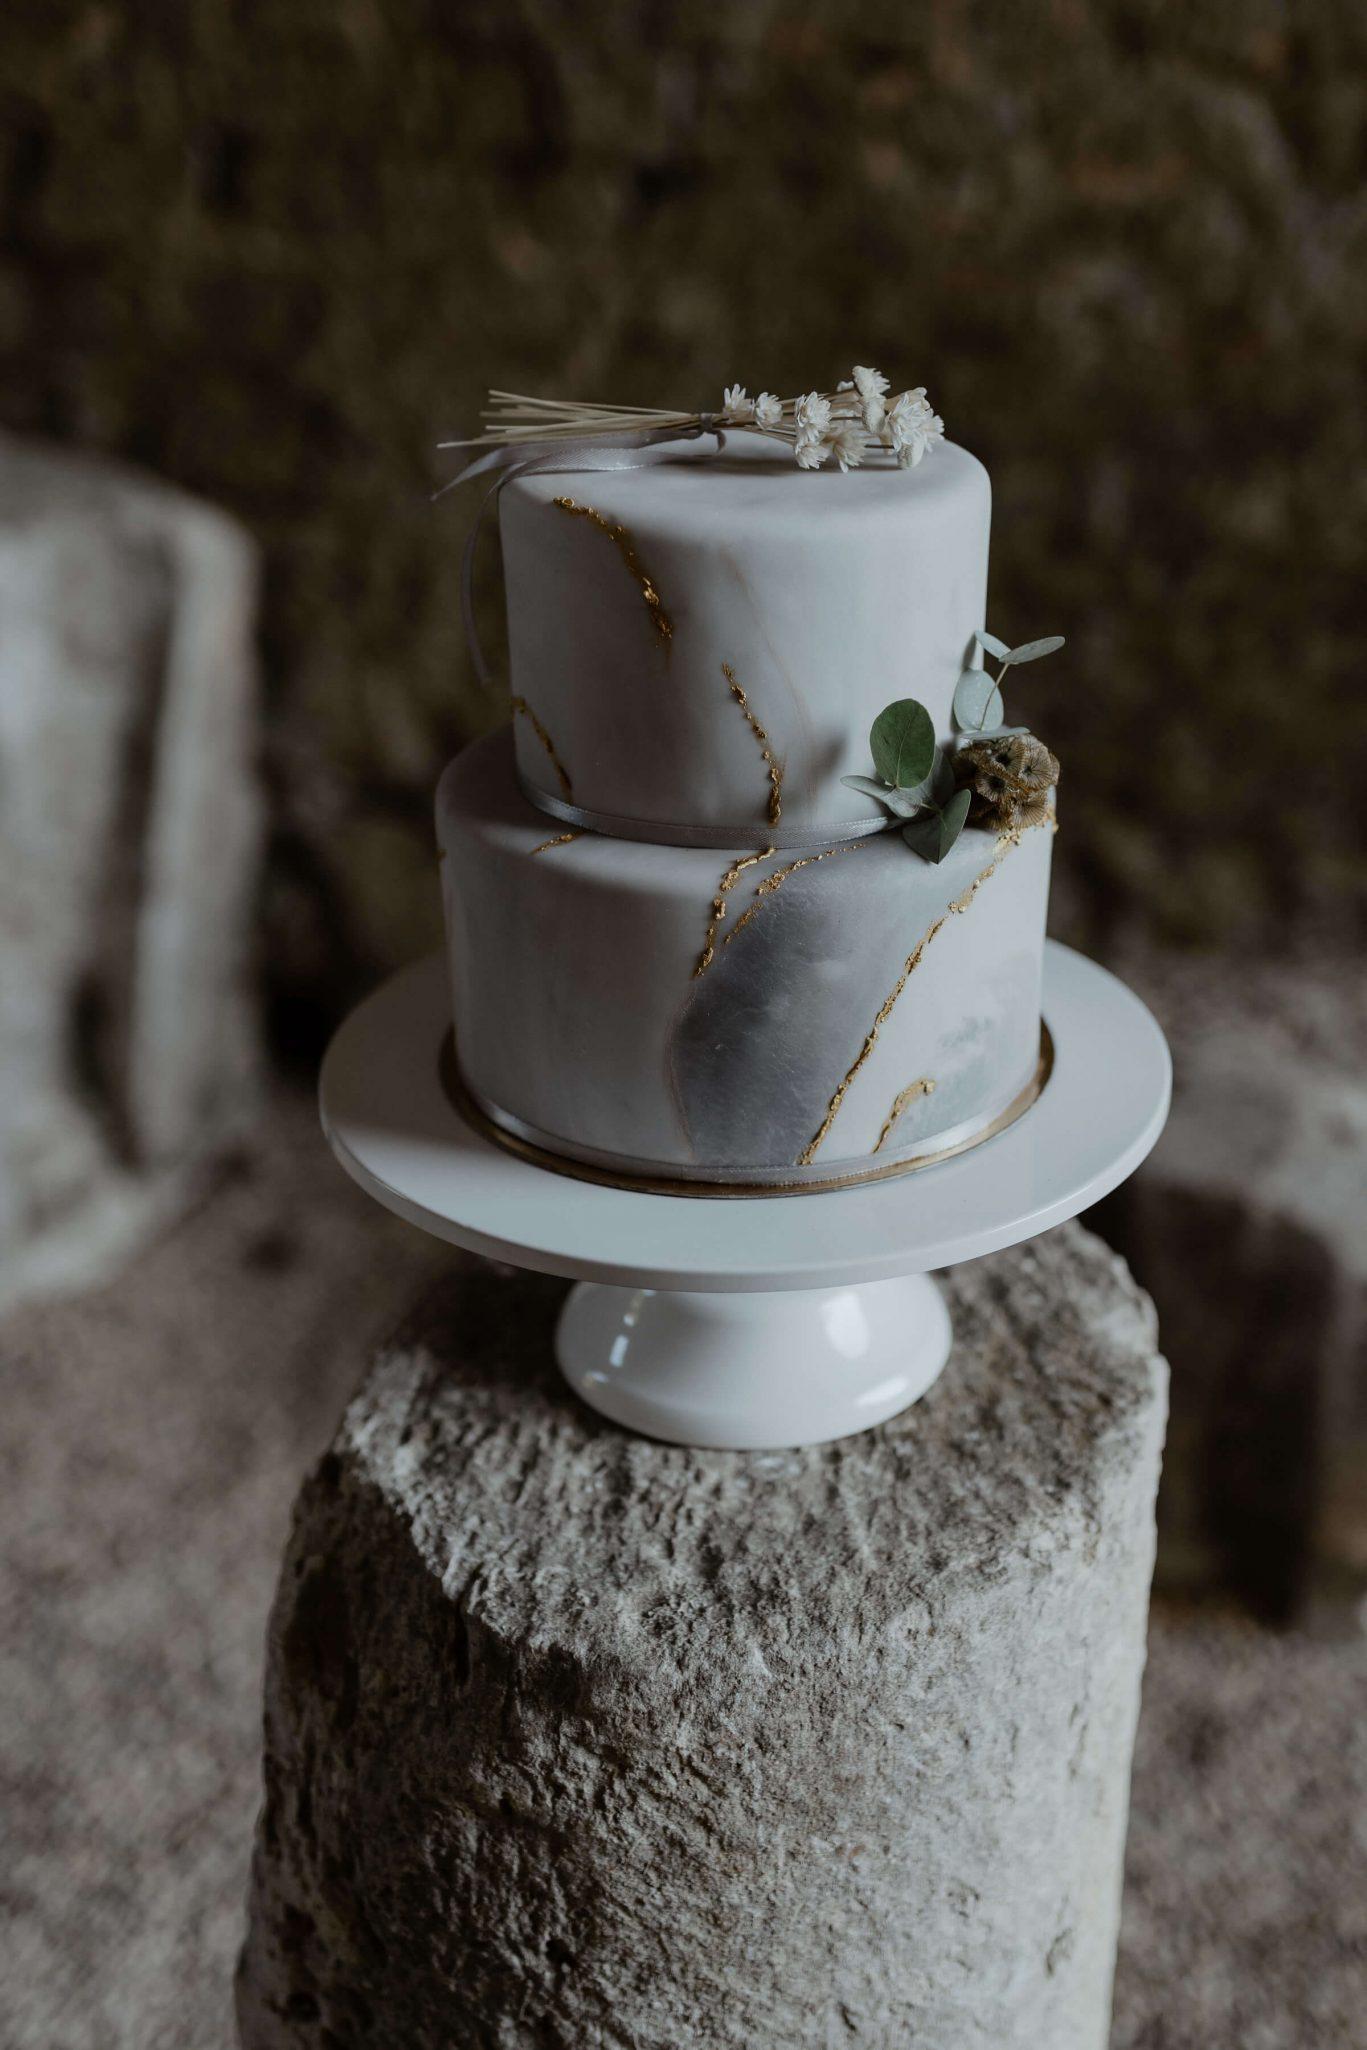 gateau_wedding_cake_simple_chic